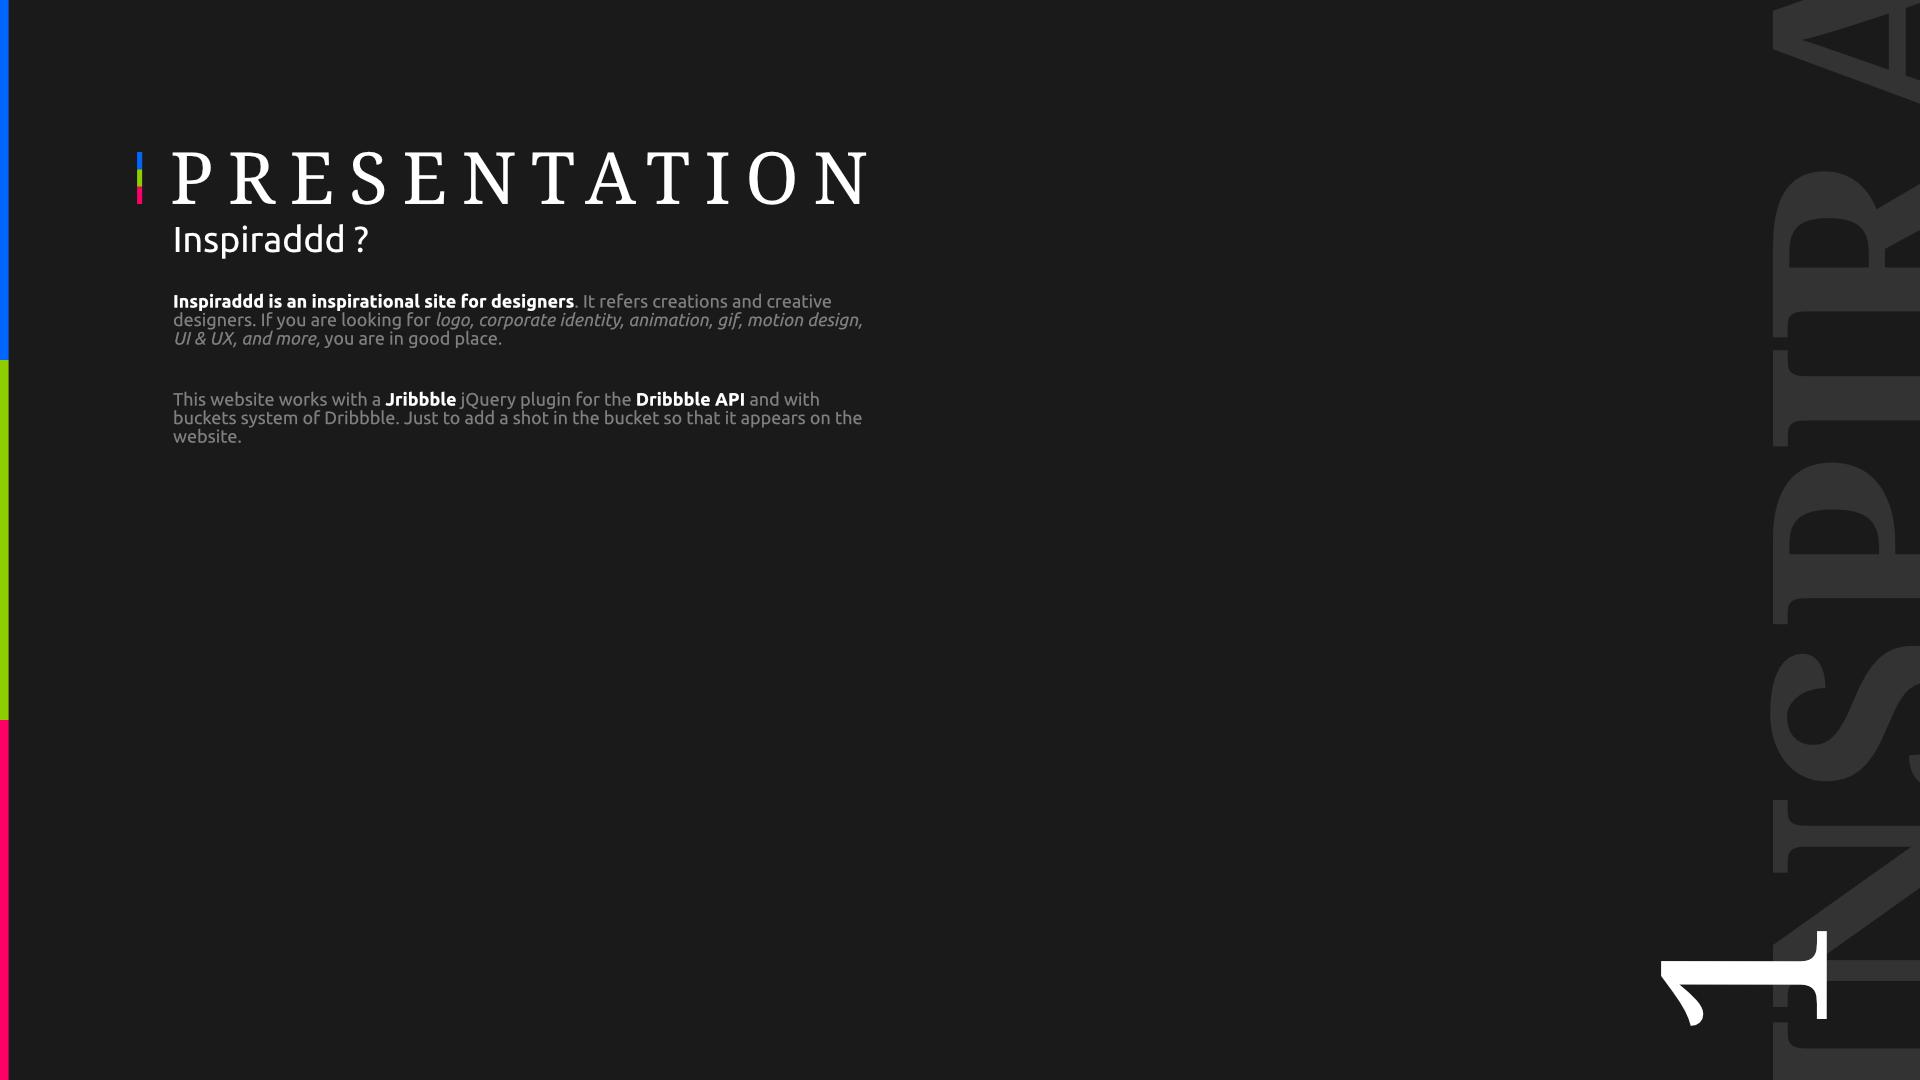 Pre sentation logo 1